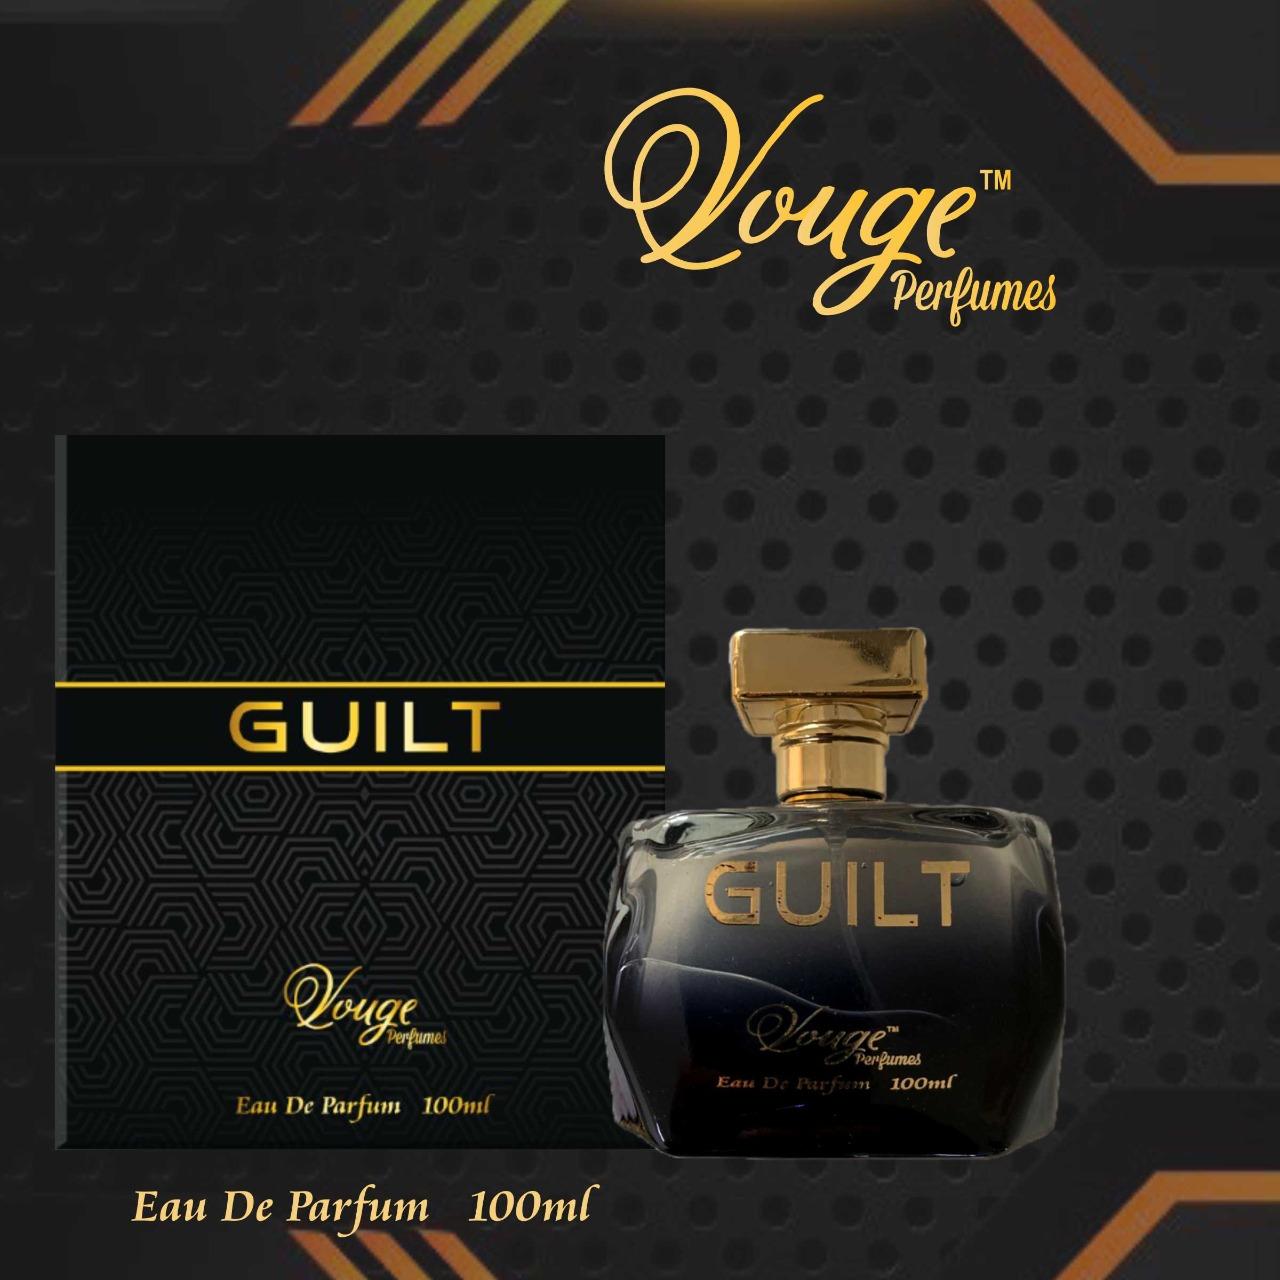 Vouge Perfume - Guilt